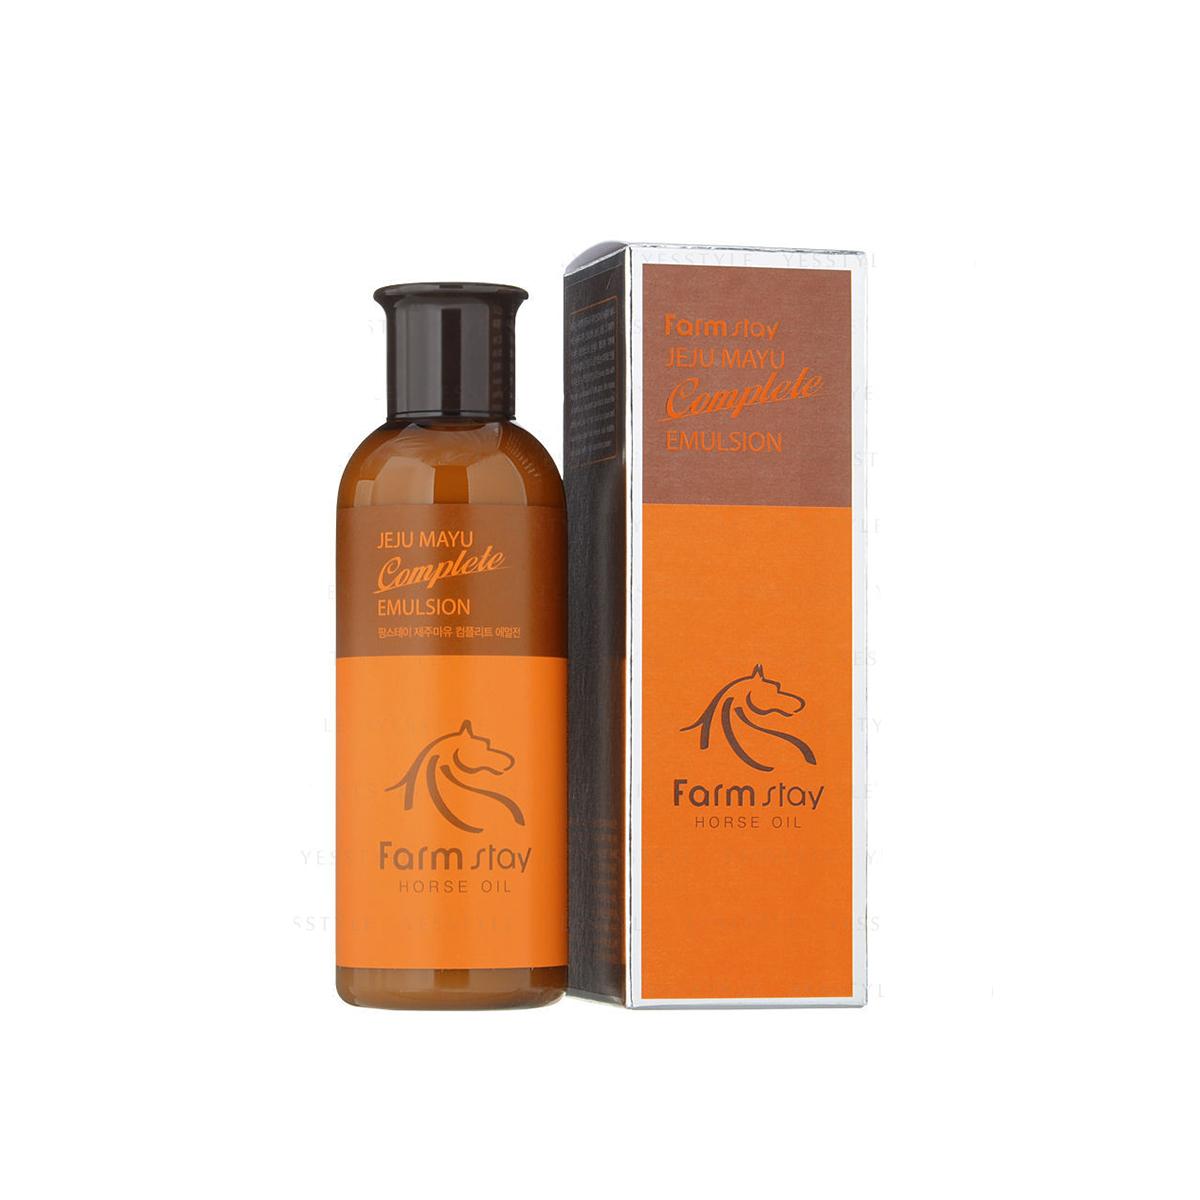 FarmStay Эмульсия с лошадиным маслом для сухой кожи, 200 мл9771689Эмульсия для лица – это легкий увлажнитель на водной основе. Она поможет увлажнить кожу, предотвратить пересыхание и обезвоживание, разгладить морщины и предотвратить появление новых. Лошадиный жир - 100% натуральный продукт, традиционное азиатское средство, с помощью которого справлялись с сухостью эпидермиса, лечили ожоги и другие повреждения кожи. Животный жир богат незаменимыми жирными кислотами (например, в нем содержится альфа-липоевая и линолевая кислоты, а также витамин А и Е). Лошадиное масло особенно ценится тем, что он лучше других жиров усваивается кожей, так как имеет состав, схожий с человеческой жировой секрецией. Именно поэтому данное вещество не отторгается кожей. Эмульсия питает, увлажняет кожу, разглаживает морщинки, делает кожу более упругой. Средство увлажняет кожу, сохраняя ее здоровье, молодость и привлекательность. Эмульсия с лошадиным маслом подходит для ухода за кожей любого типа, но особенно рекомендуется для сухой кожи, а также для кожи с раздражениями и шелушениями.